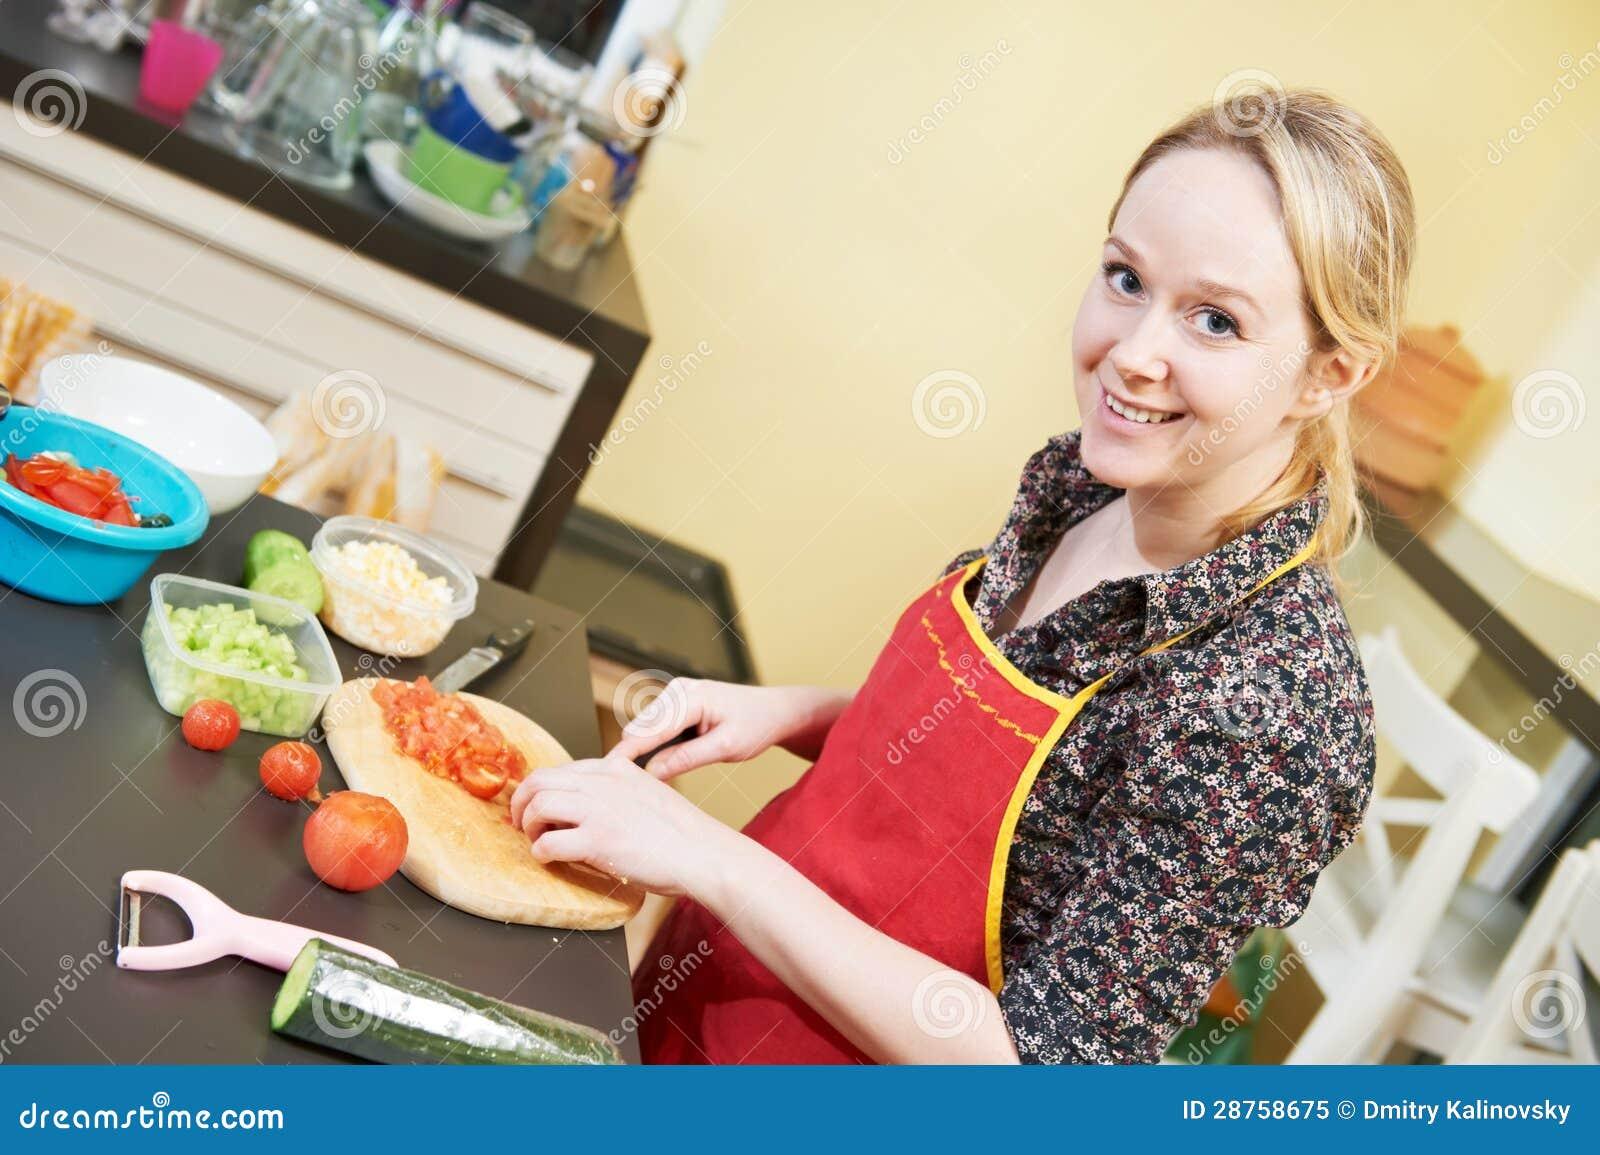 Трахнул сестру в кухне ей понравилось, Трахнул сестру на кухне -видео. Смотреть трахнул 22 фотография